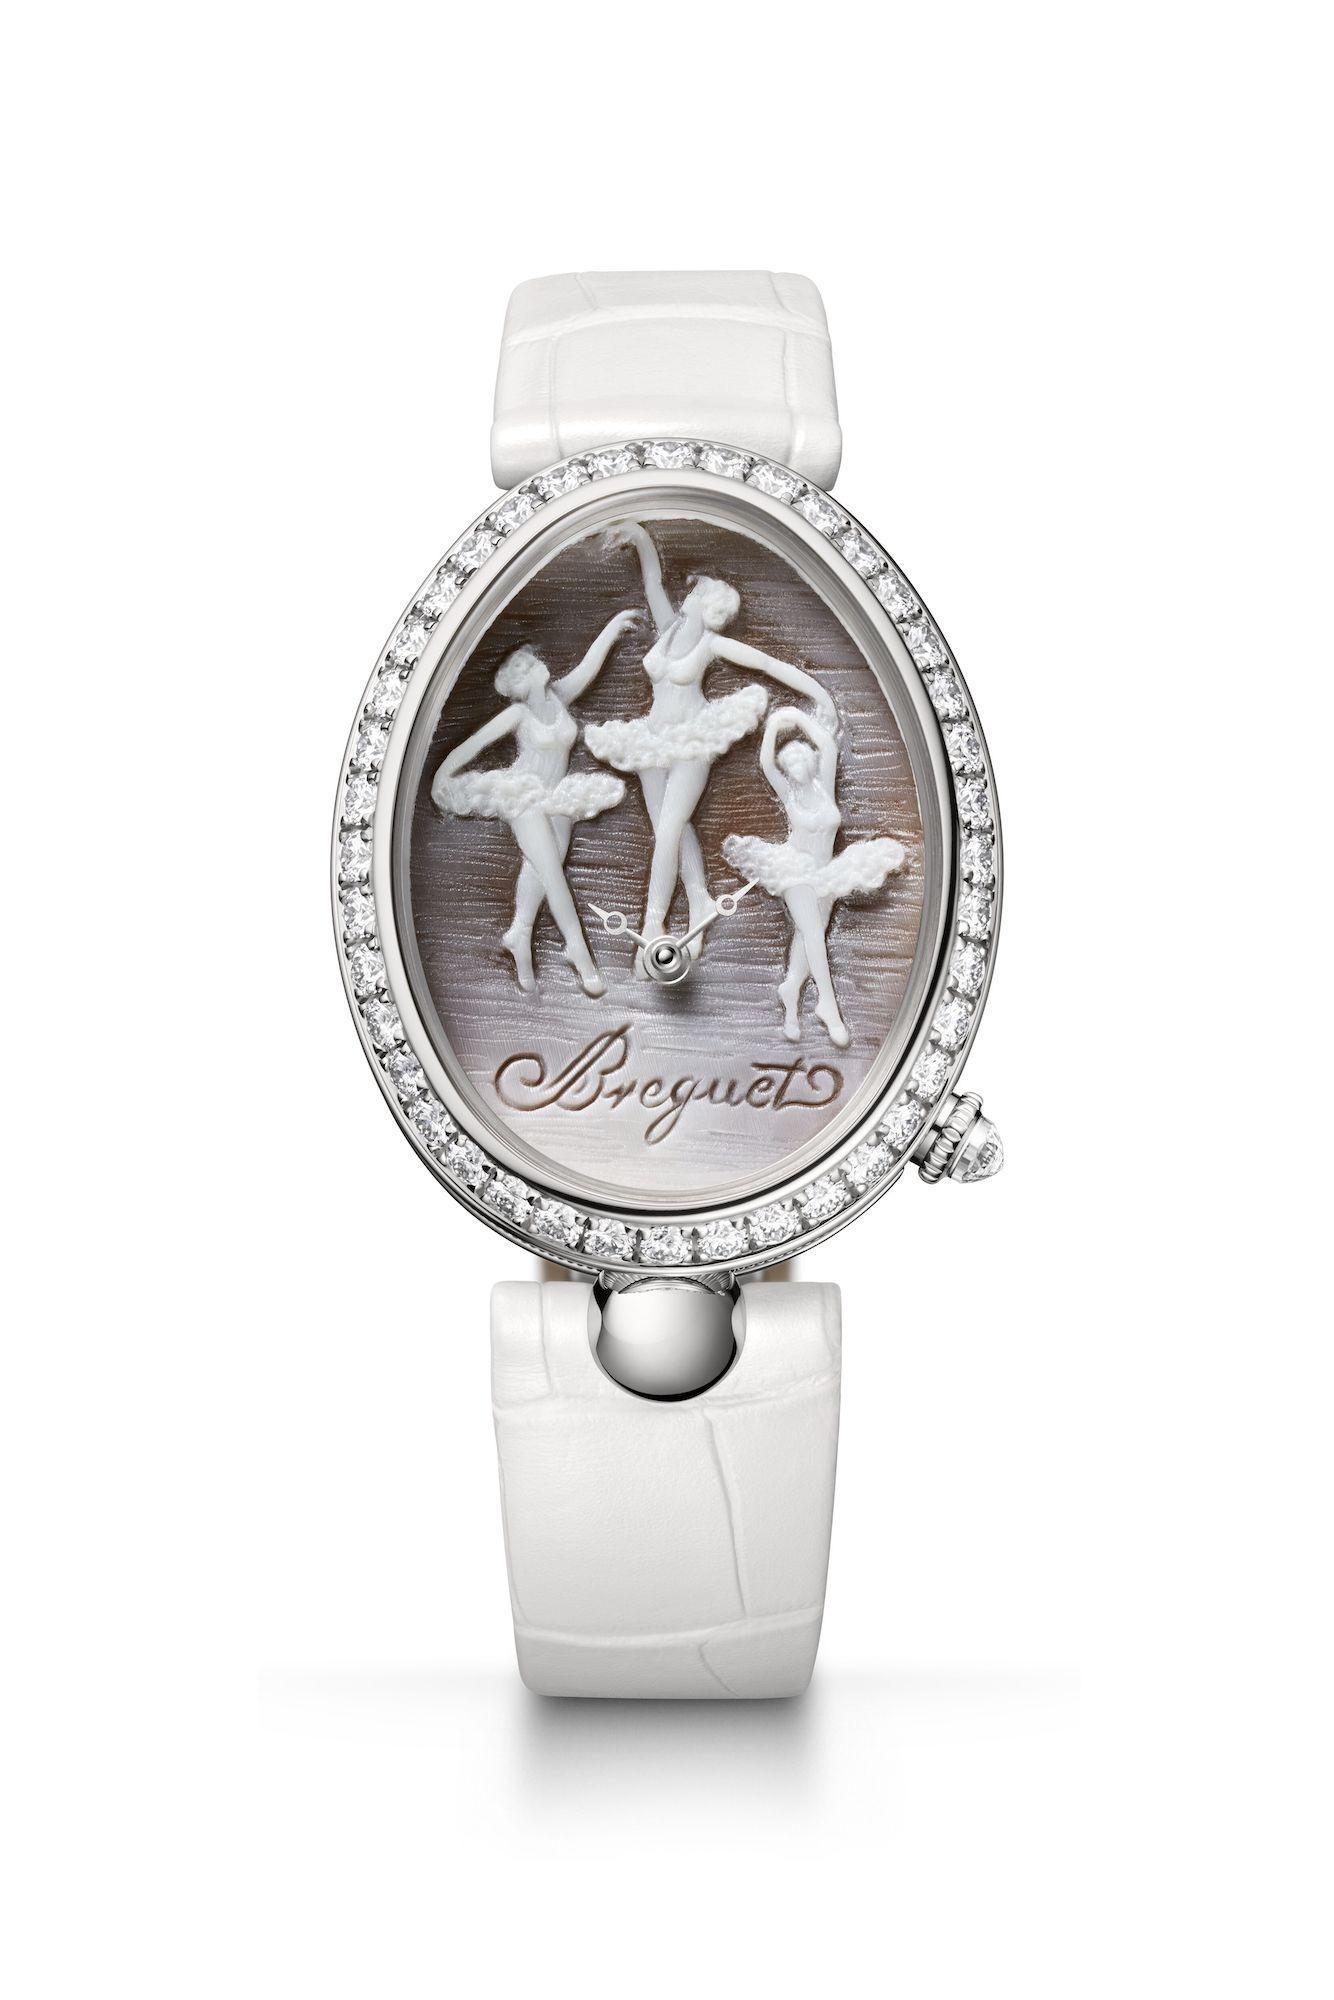 Breguet Reine de Naples 8958 Cammea Ballerina